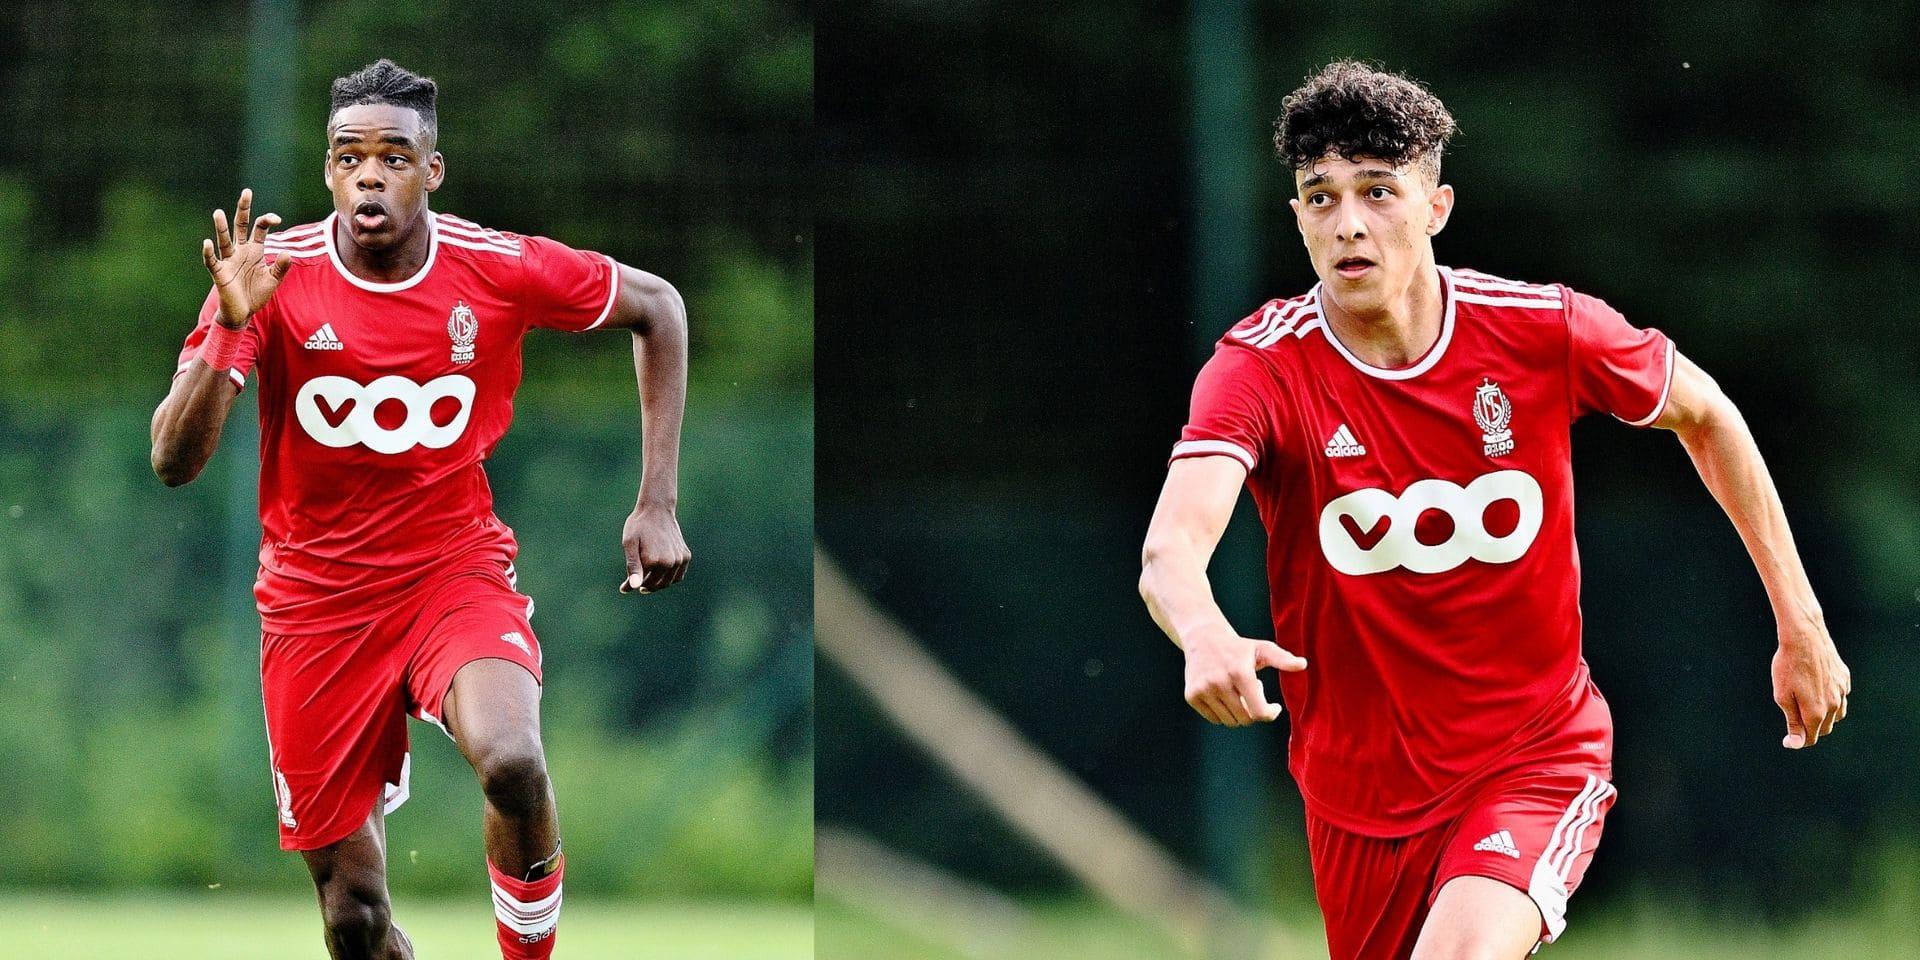 Ngoy et Al Dakhil, des jeunes rouches qui se défendent